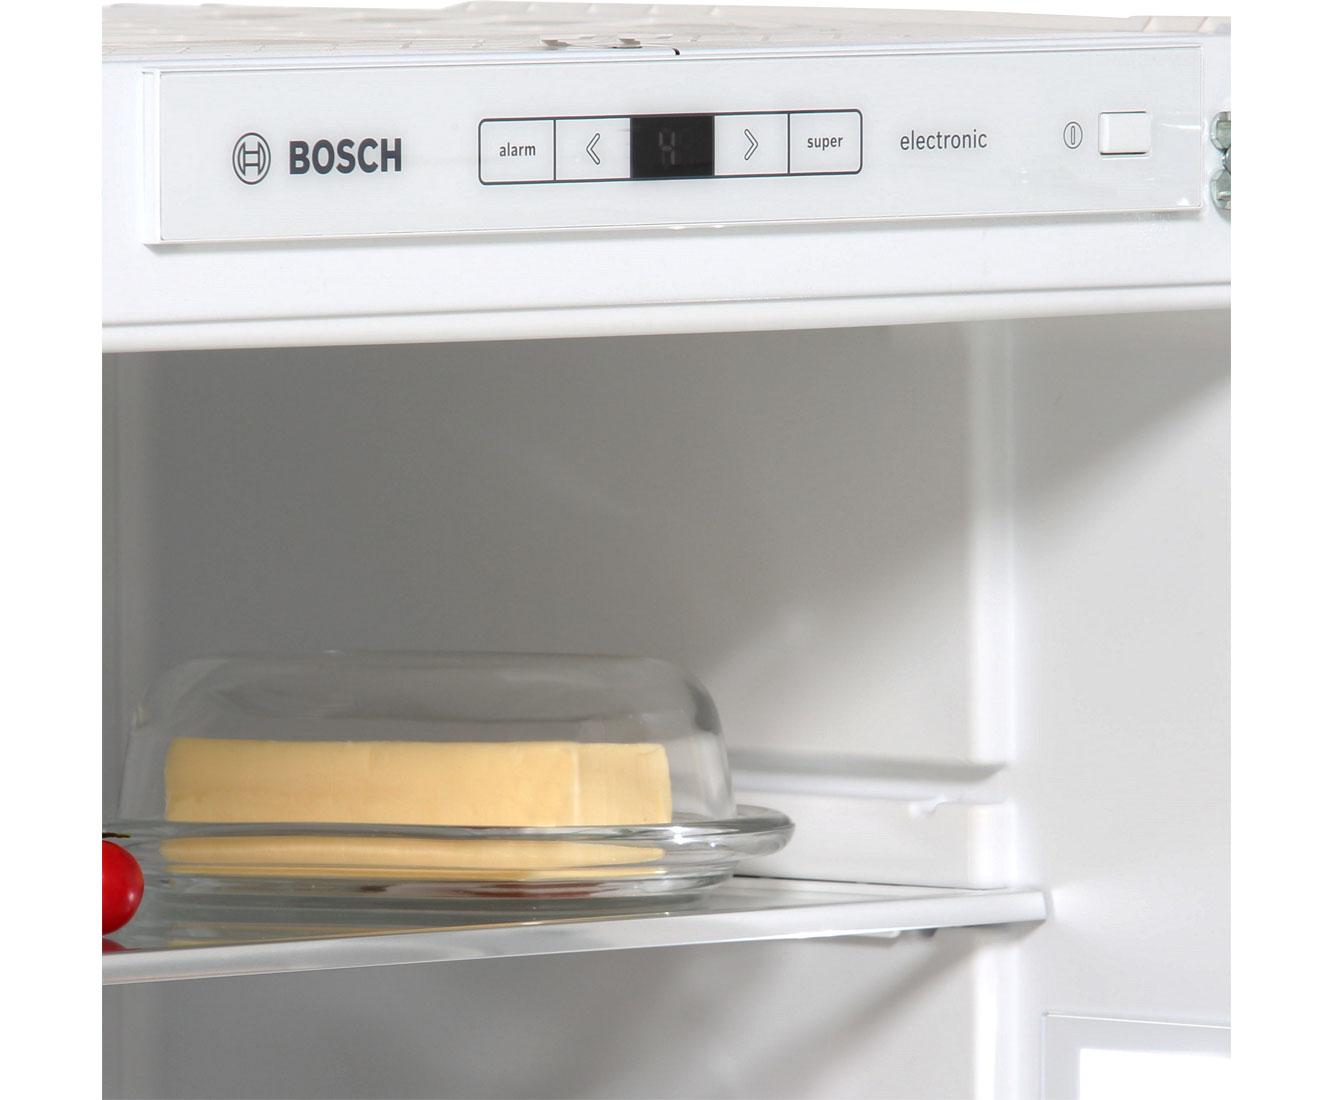 Bosch Kühlschrank Alarm Deaktivieren : Bosch kühlschrank alarm: kühlschrank q: retro kühlschrank vollraum